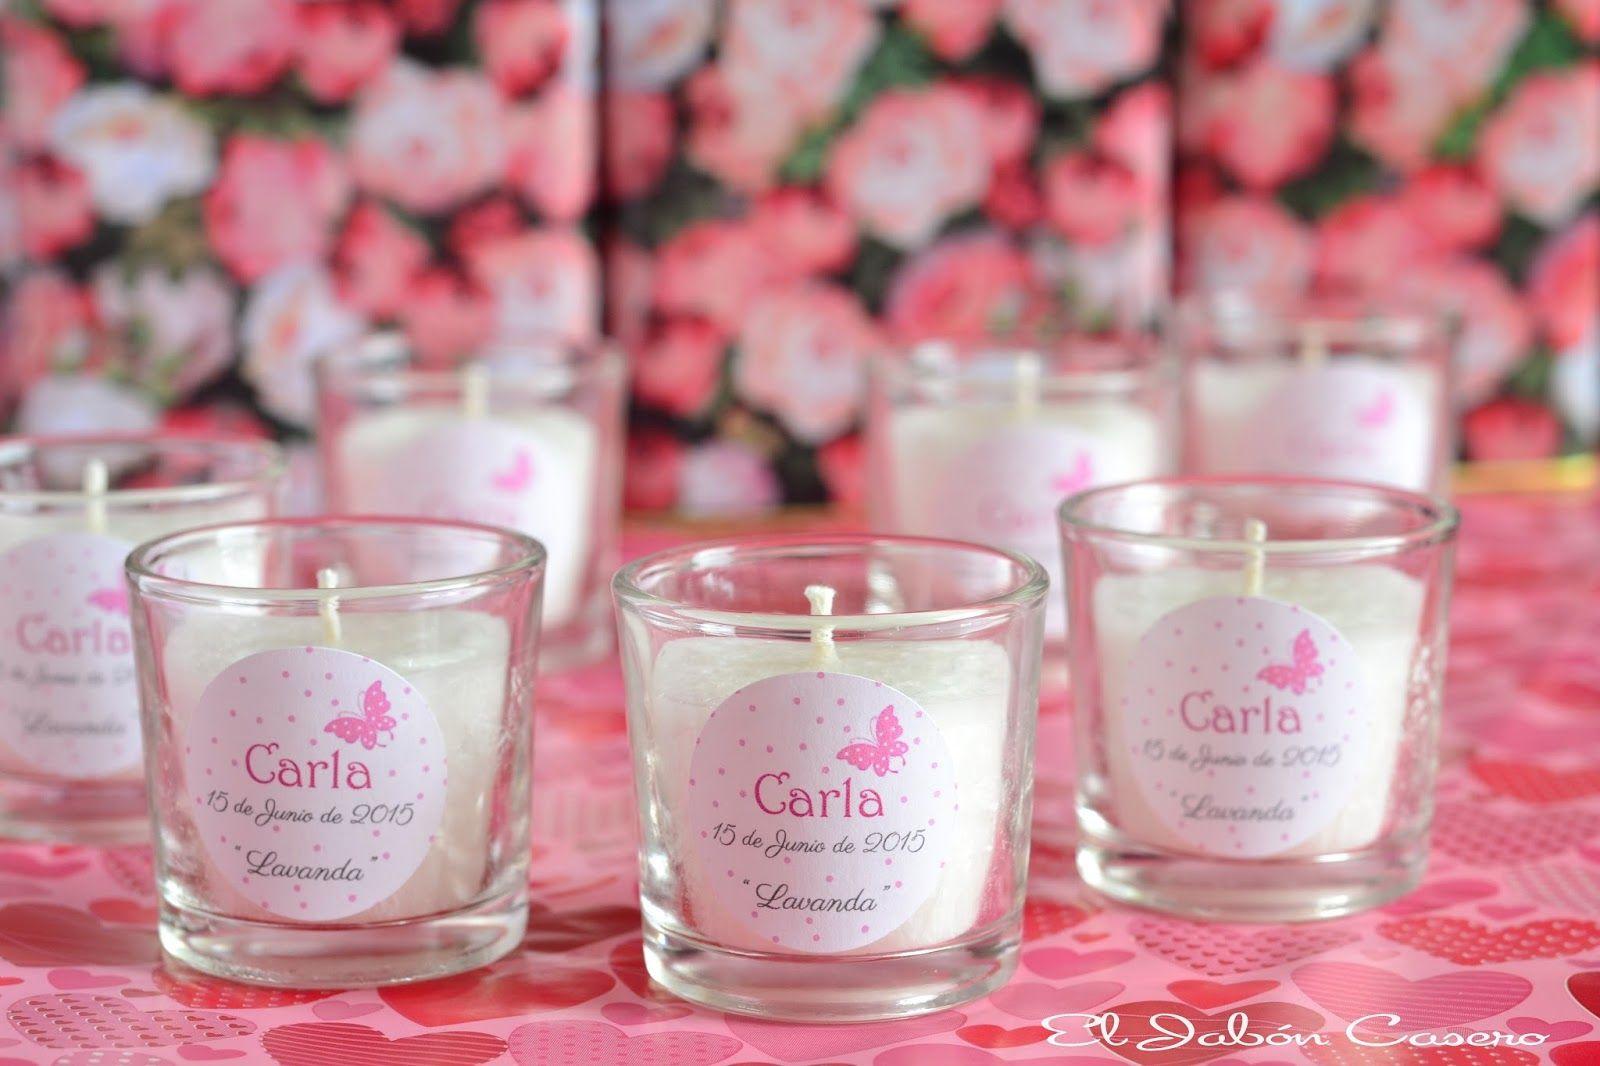 detalles de bautizo velas aromticas de lavanda